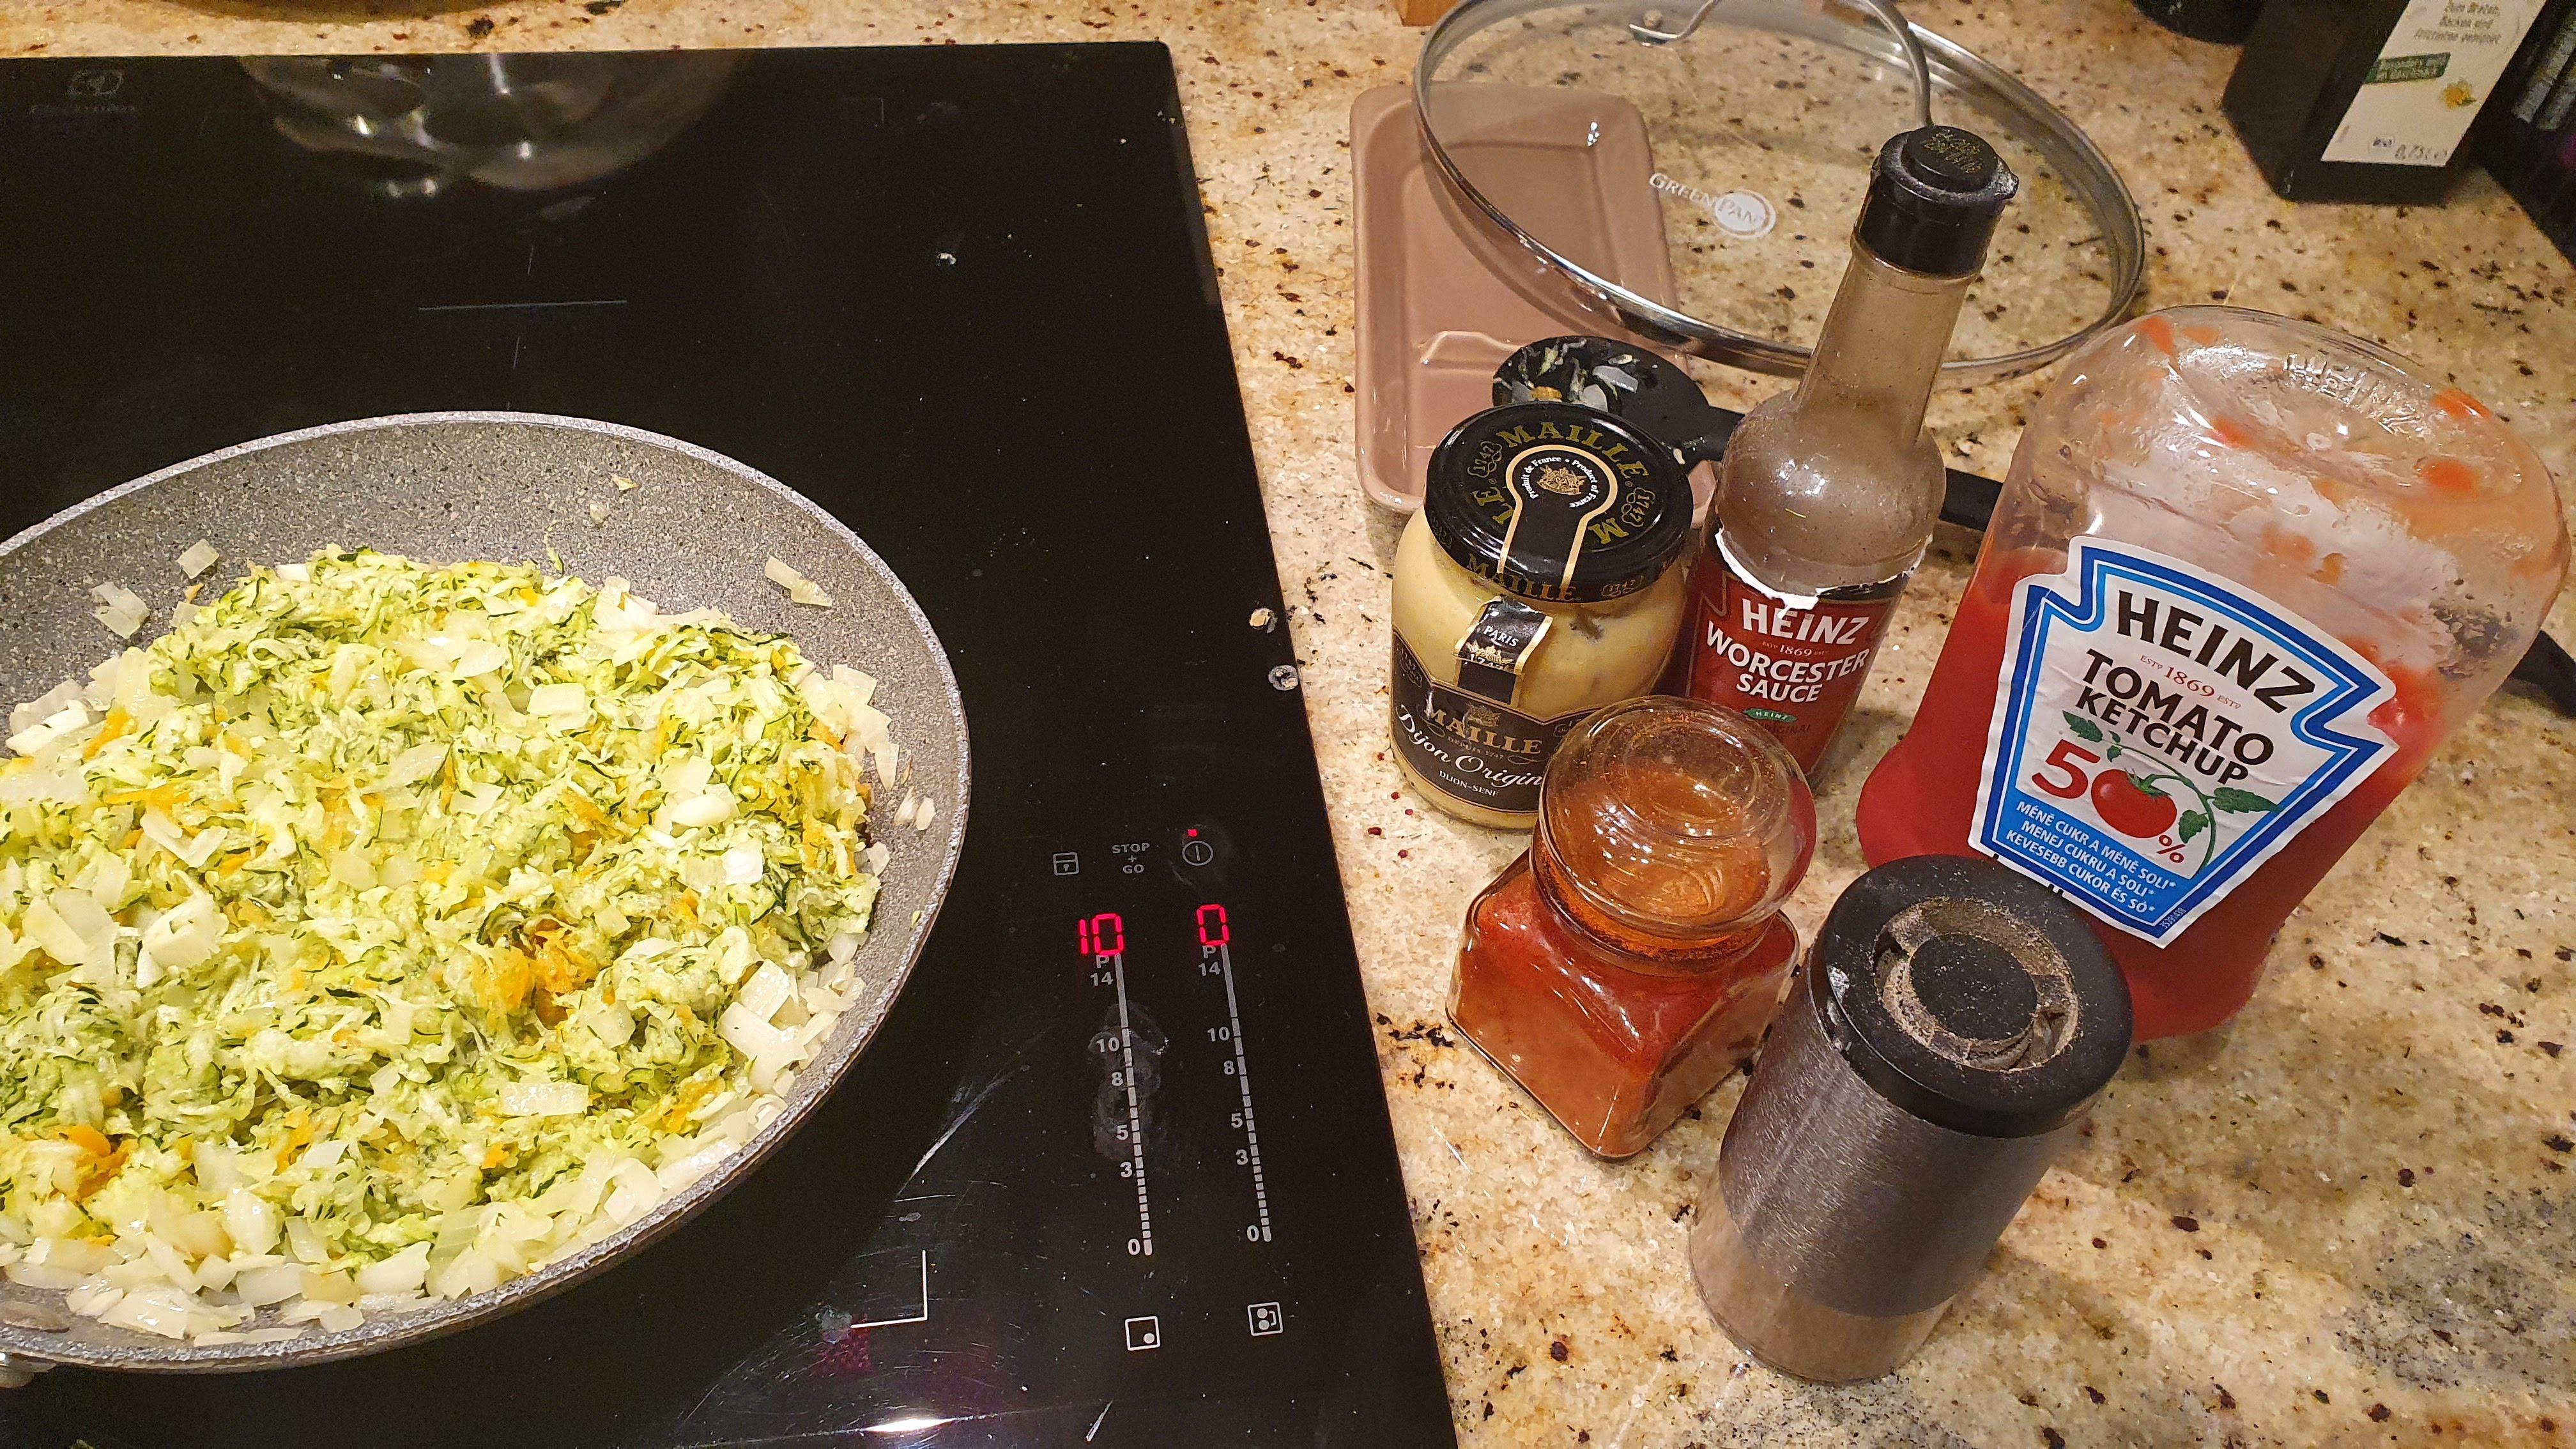 Teraz prichádza fáza dochucovania, čiže trochu korenia, mletej papriky, lyžičku horčice, kečupu a 2 lyžice worcestrovej omáčky. Na koniec 3-4 lyžice citrónovej šťavy.